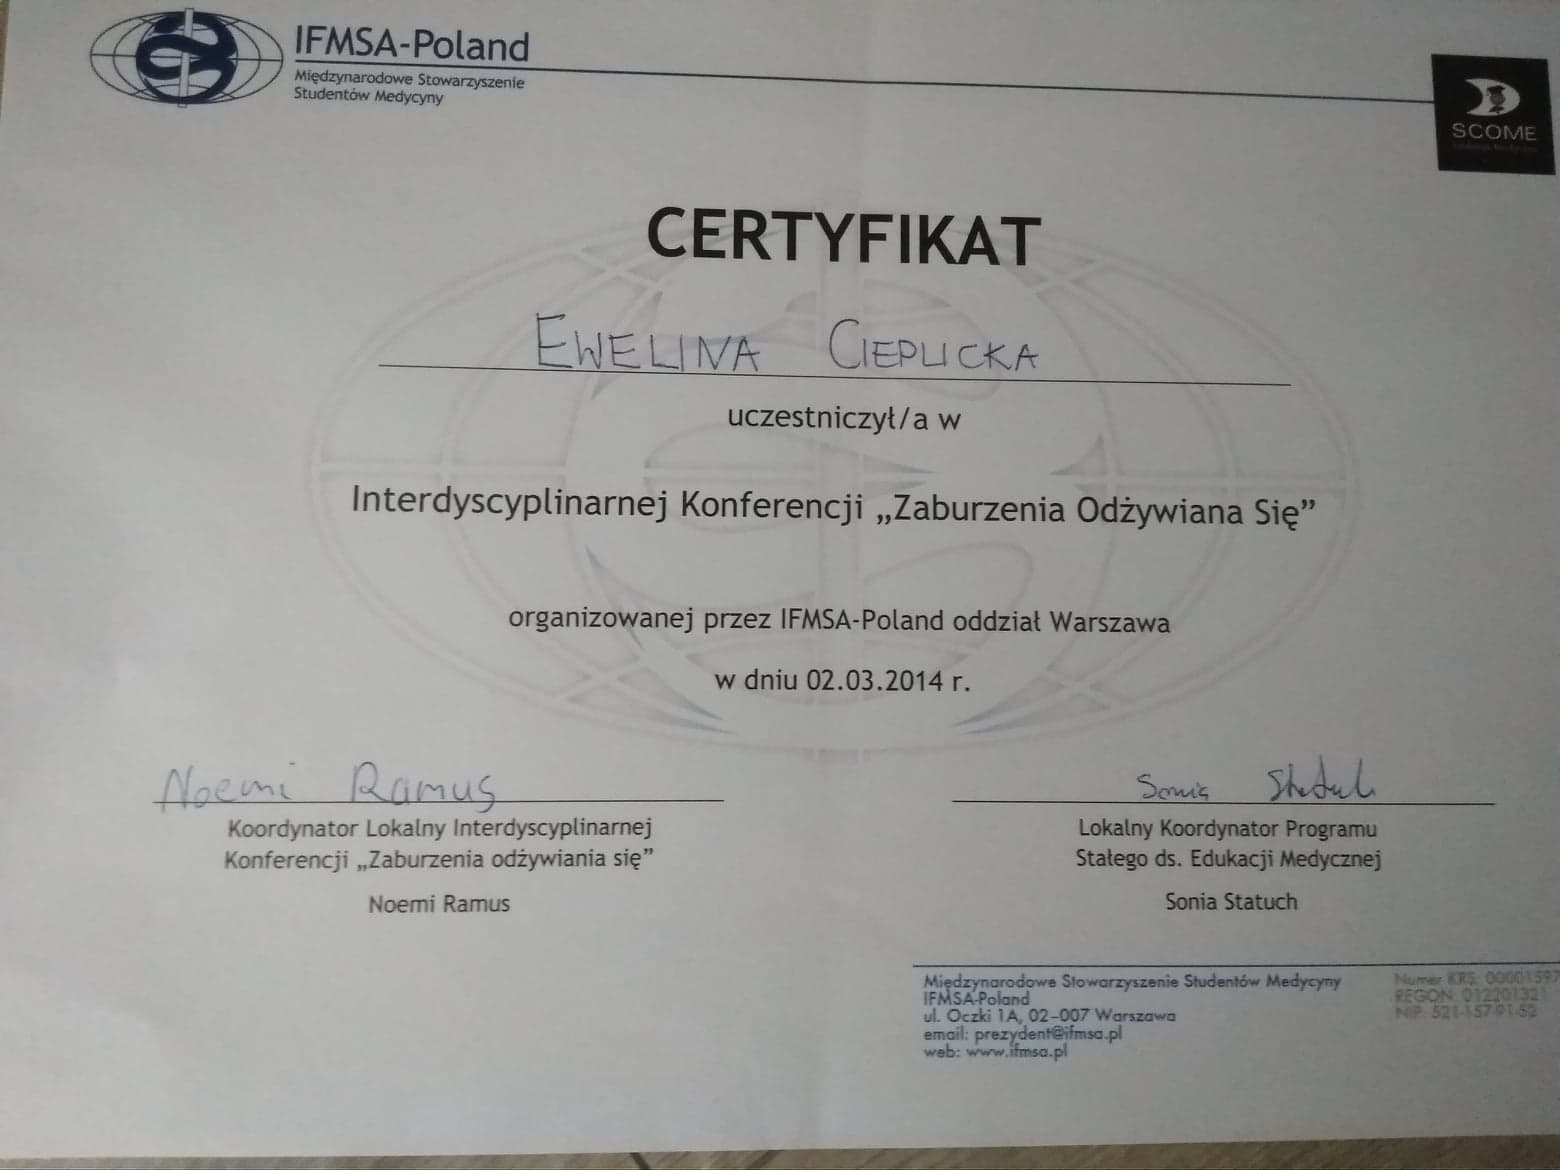 certyfikat uczestnictwa w konferencji Zaburzenia odżywiania się